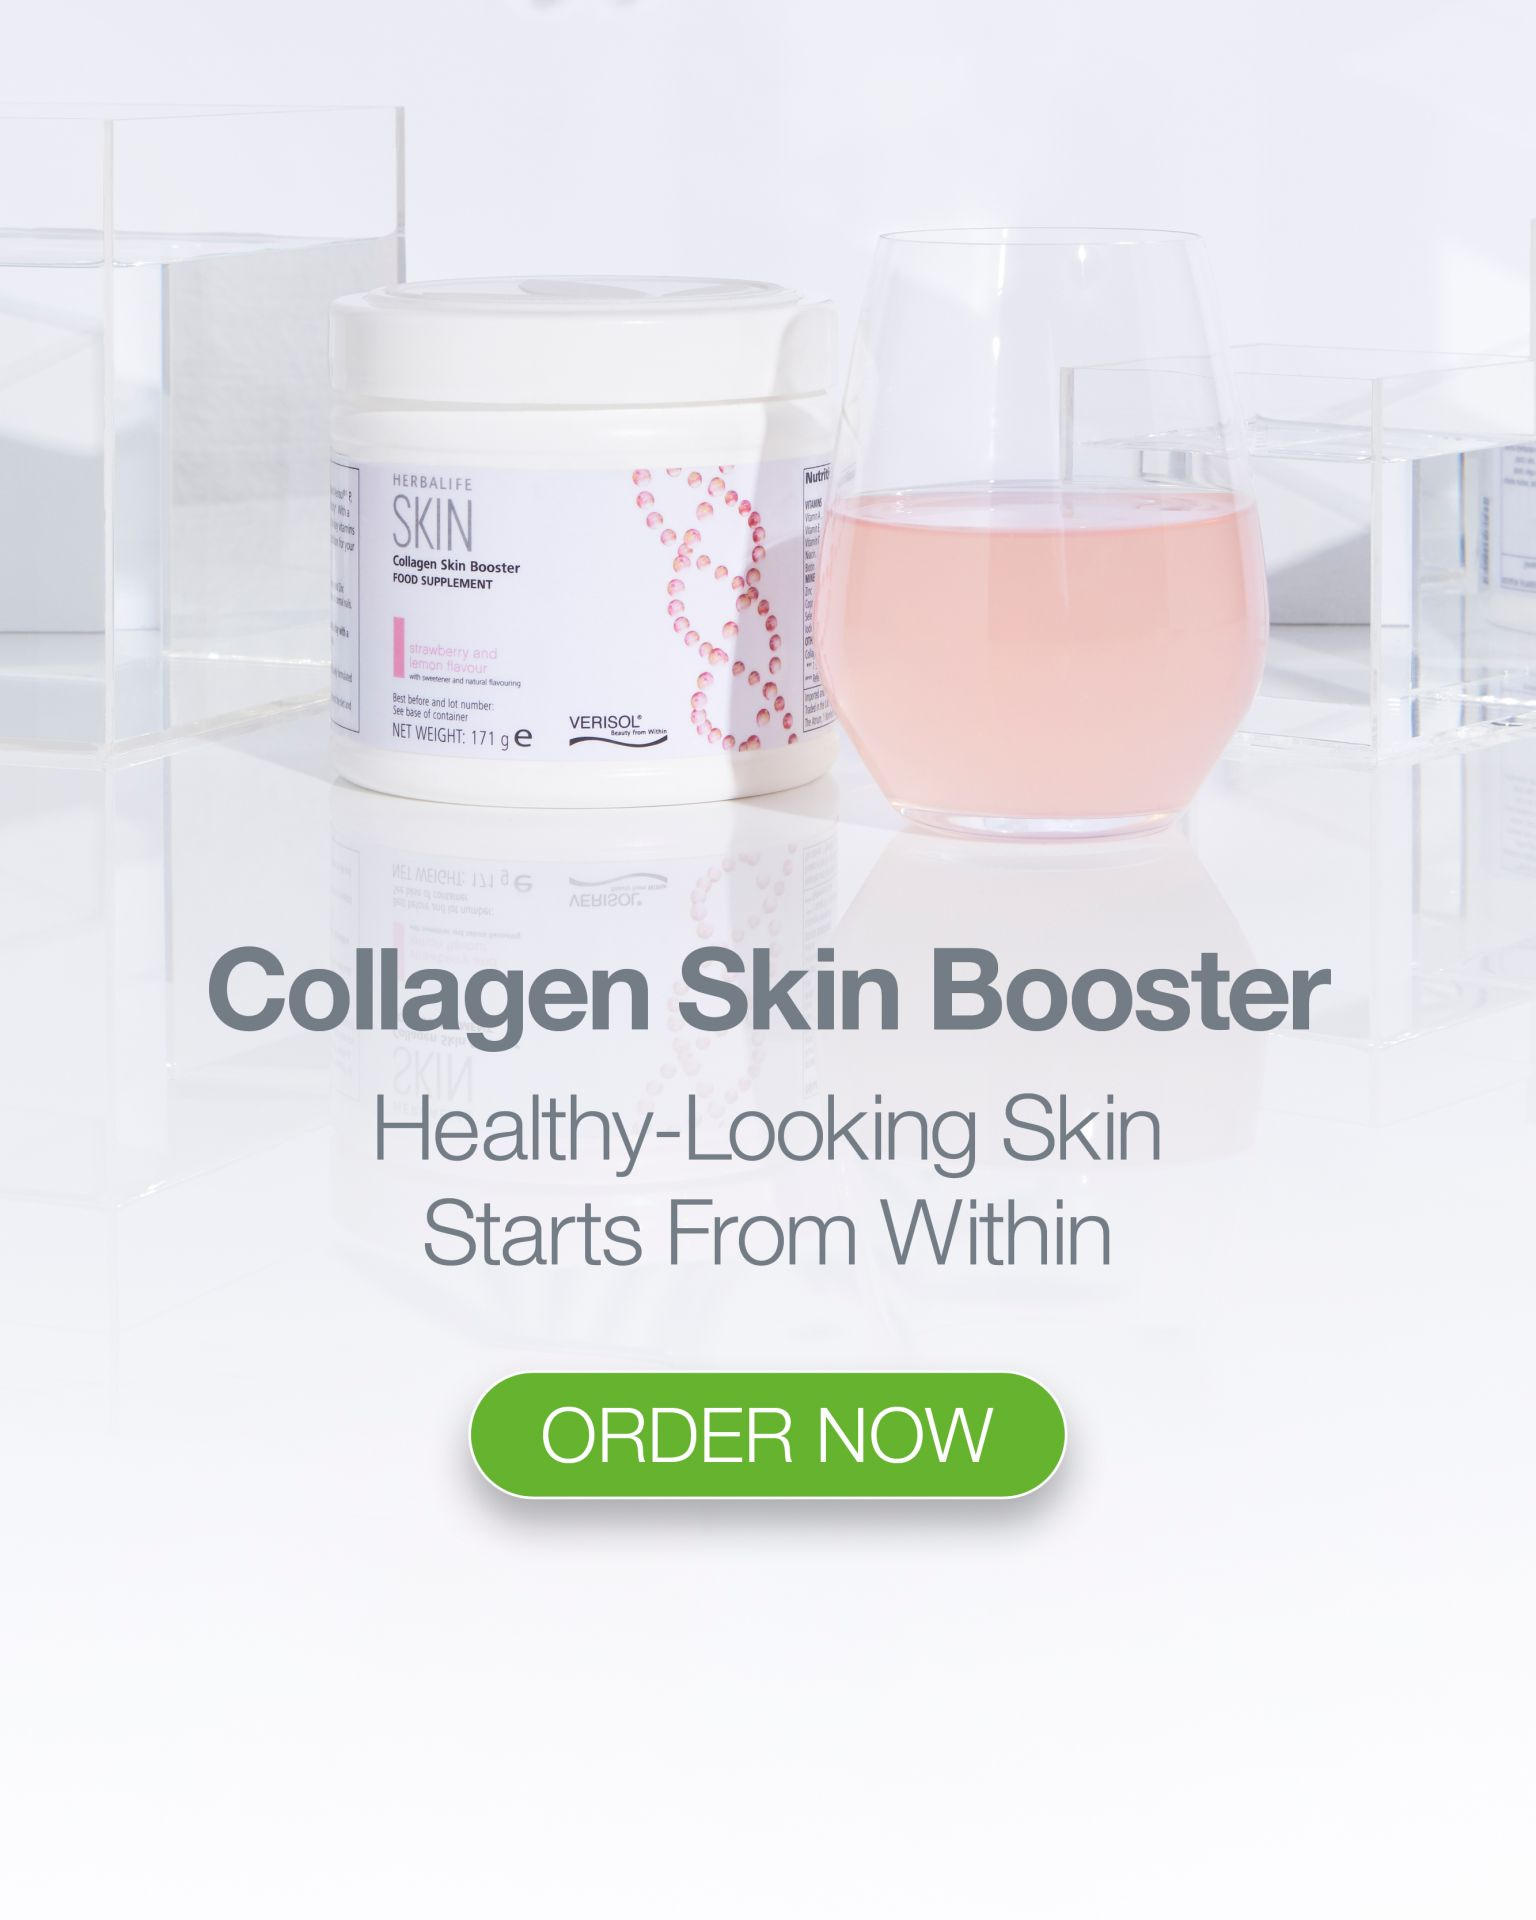 Collagen booster skin